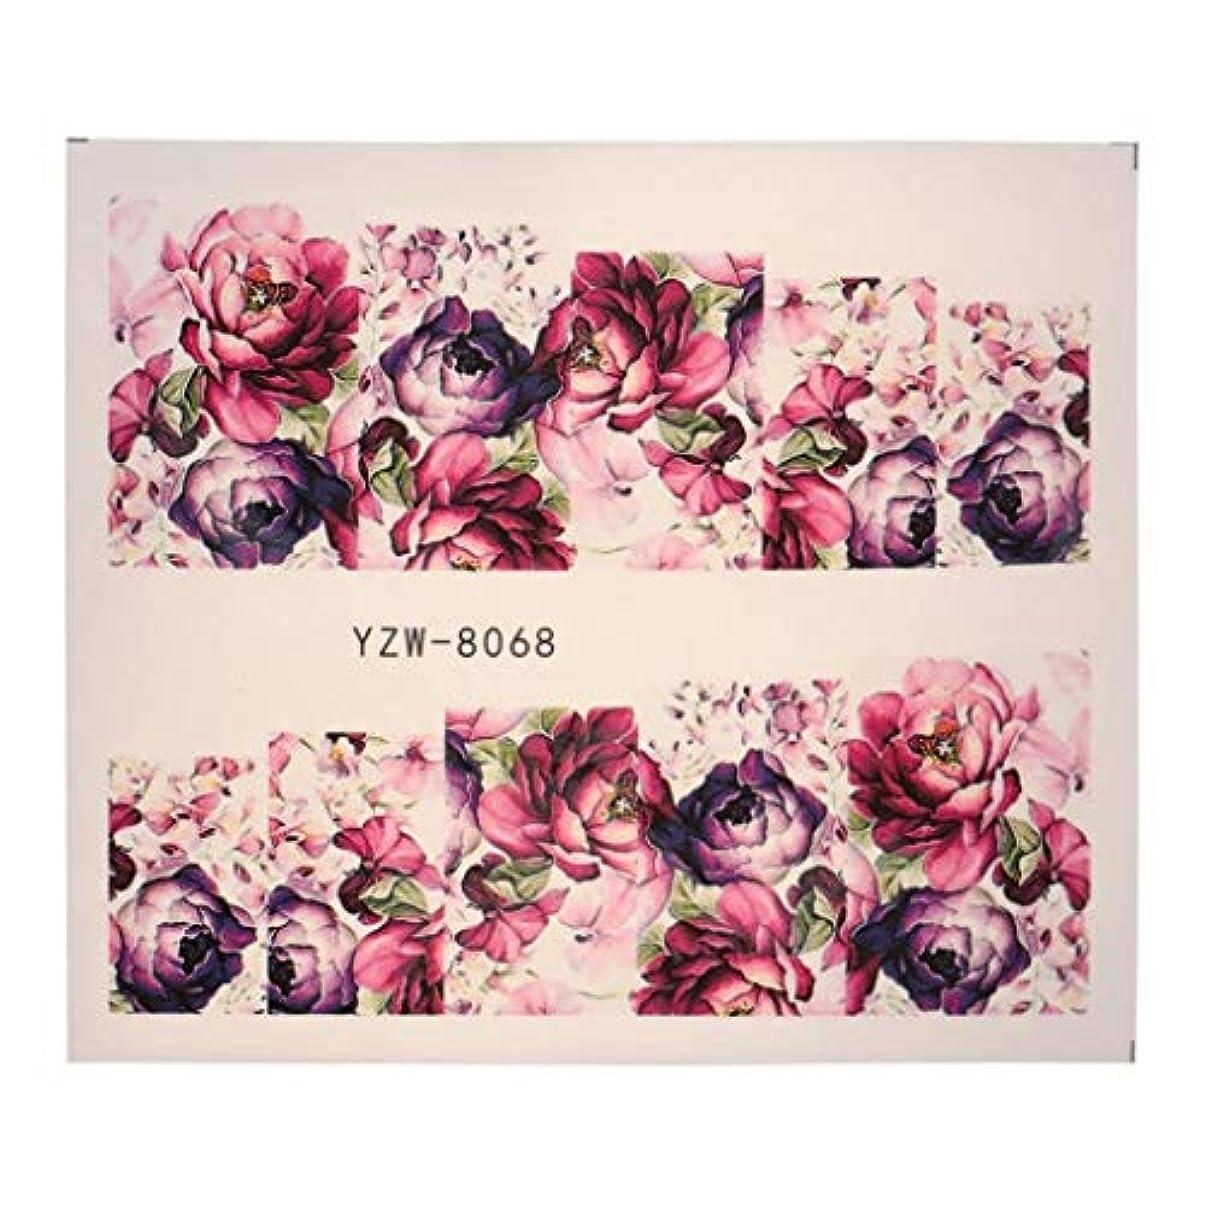 集団的解説タクシーOU-Kunmlef 賞賛される韓国の純粋な花の釘ステッカー防水と環境保護(None Picture Color)